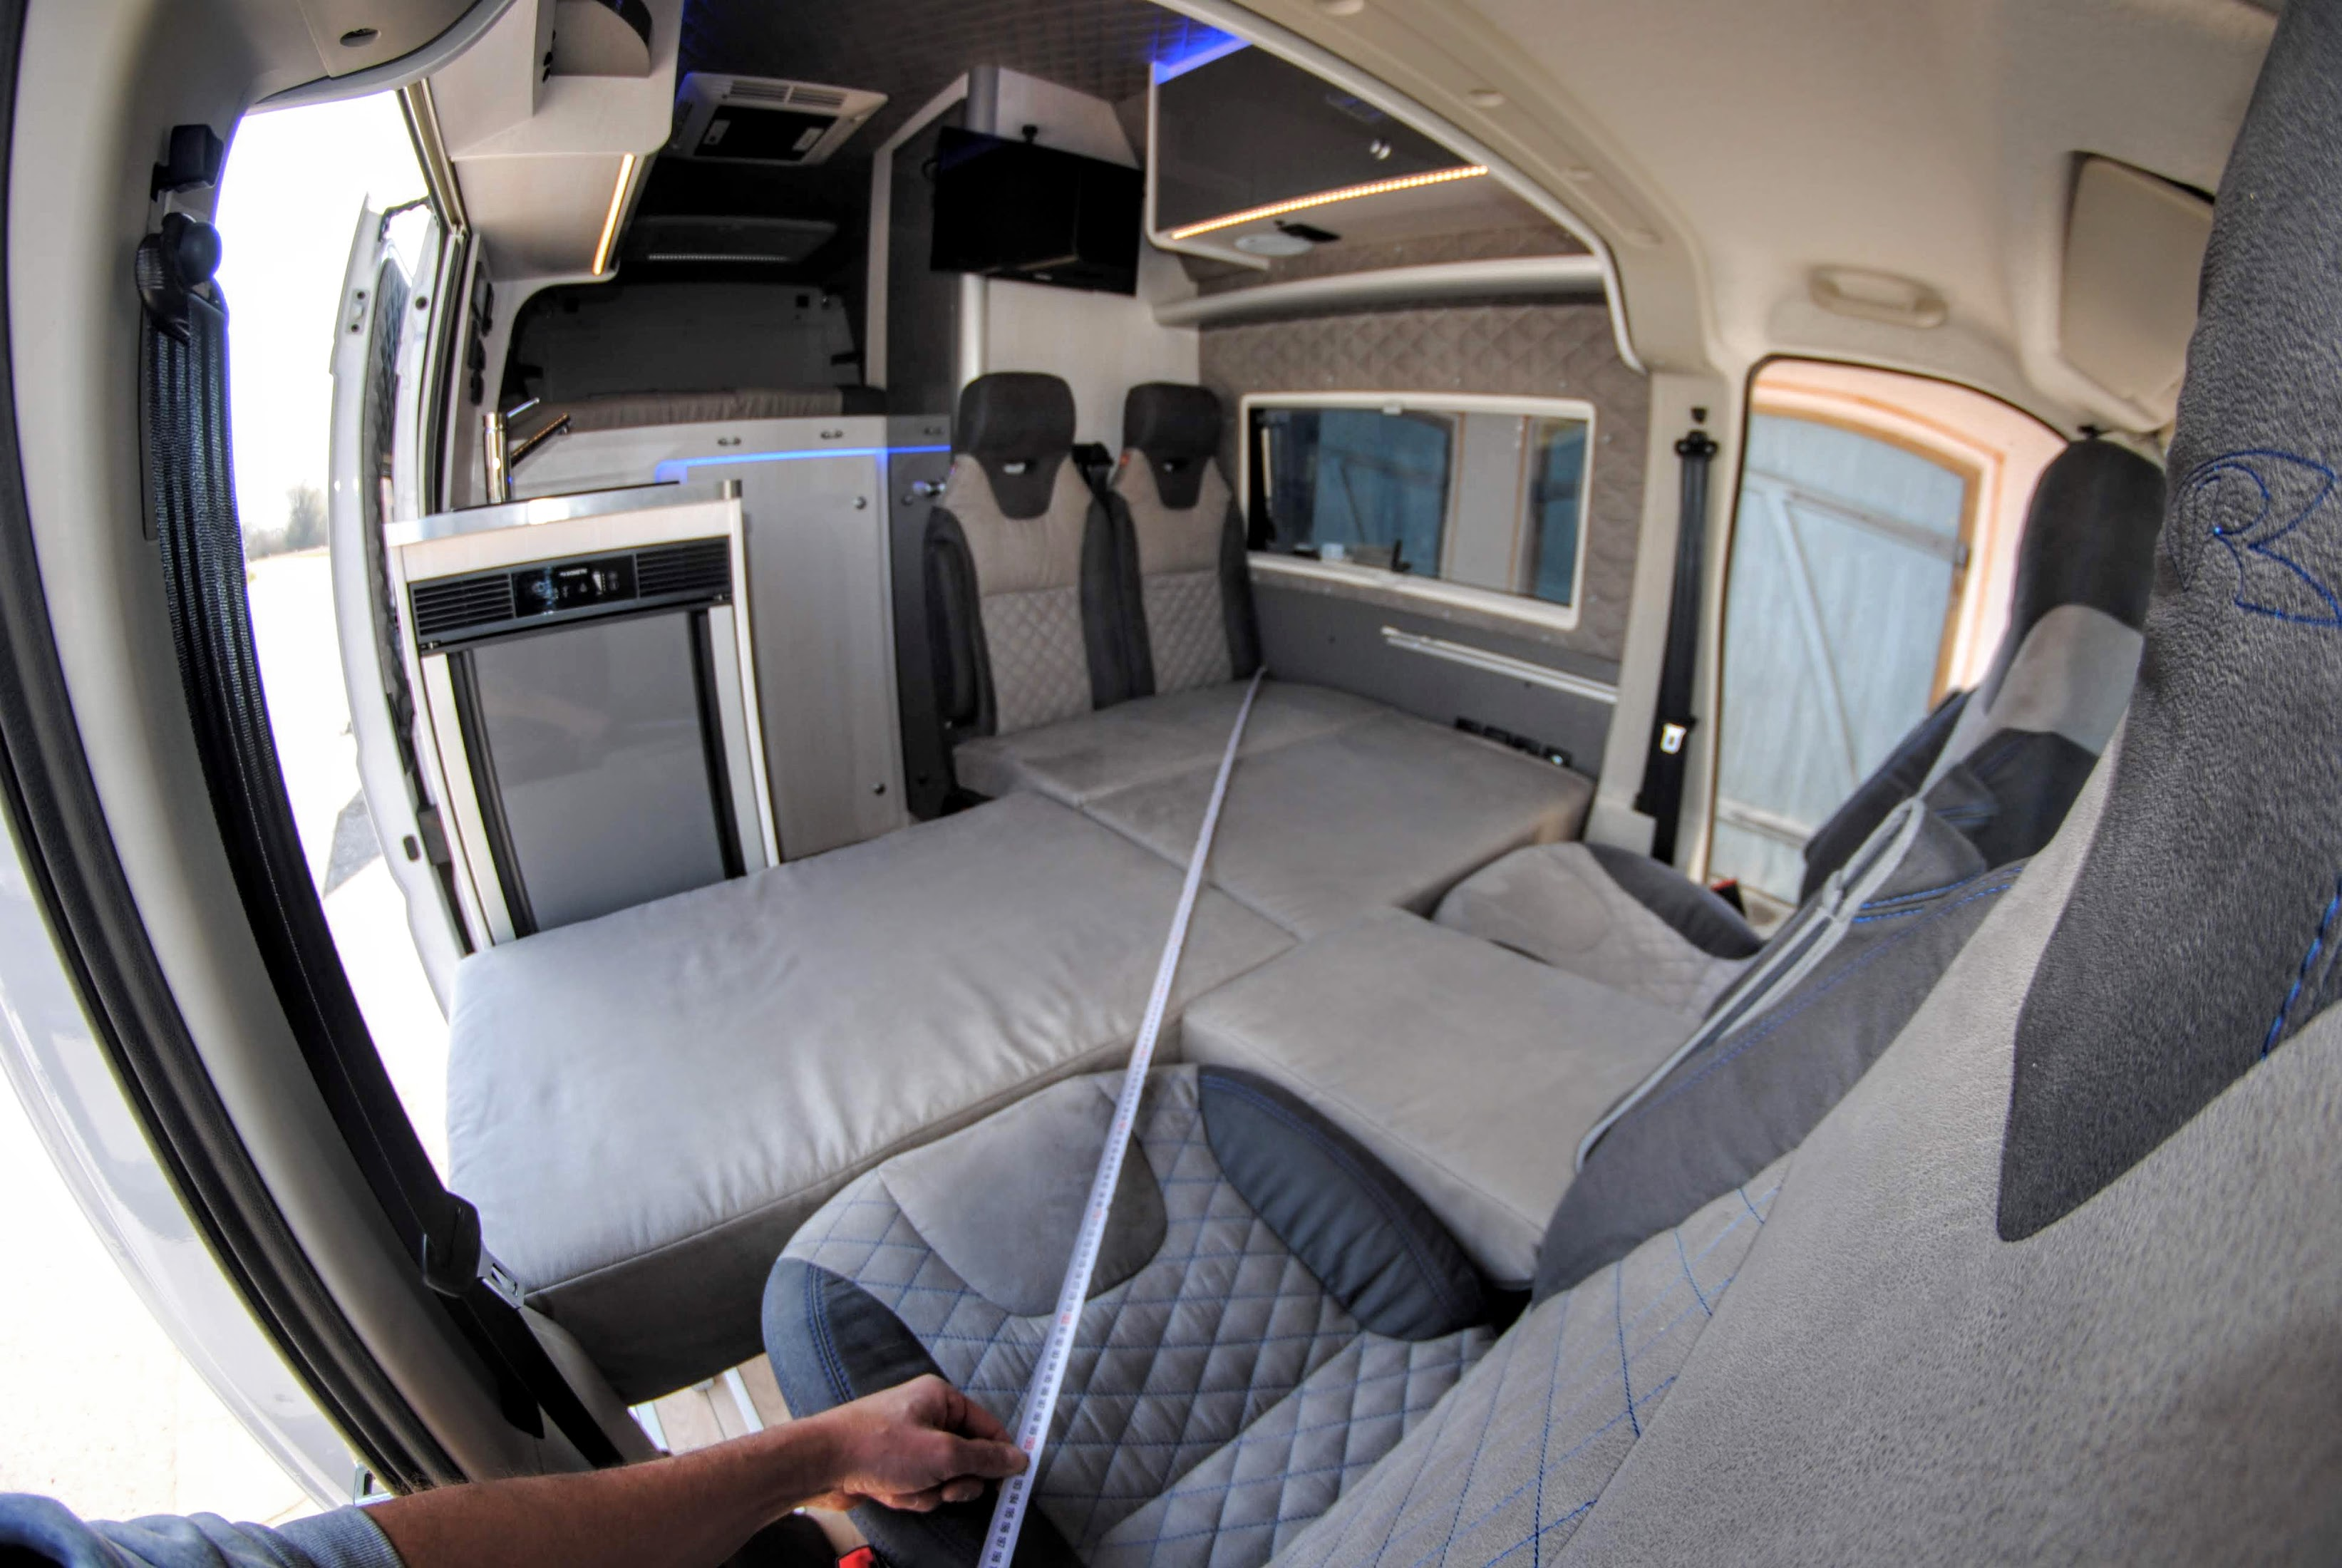 1,80m 1,90m 2m meter bett im Camper vorne 2 4 6 schlafgelegenheiten in einem 6meter kastenwagen